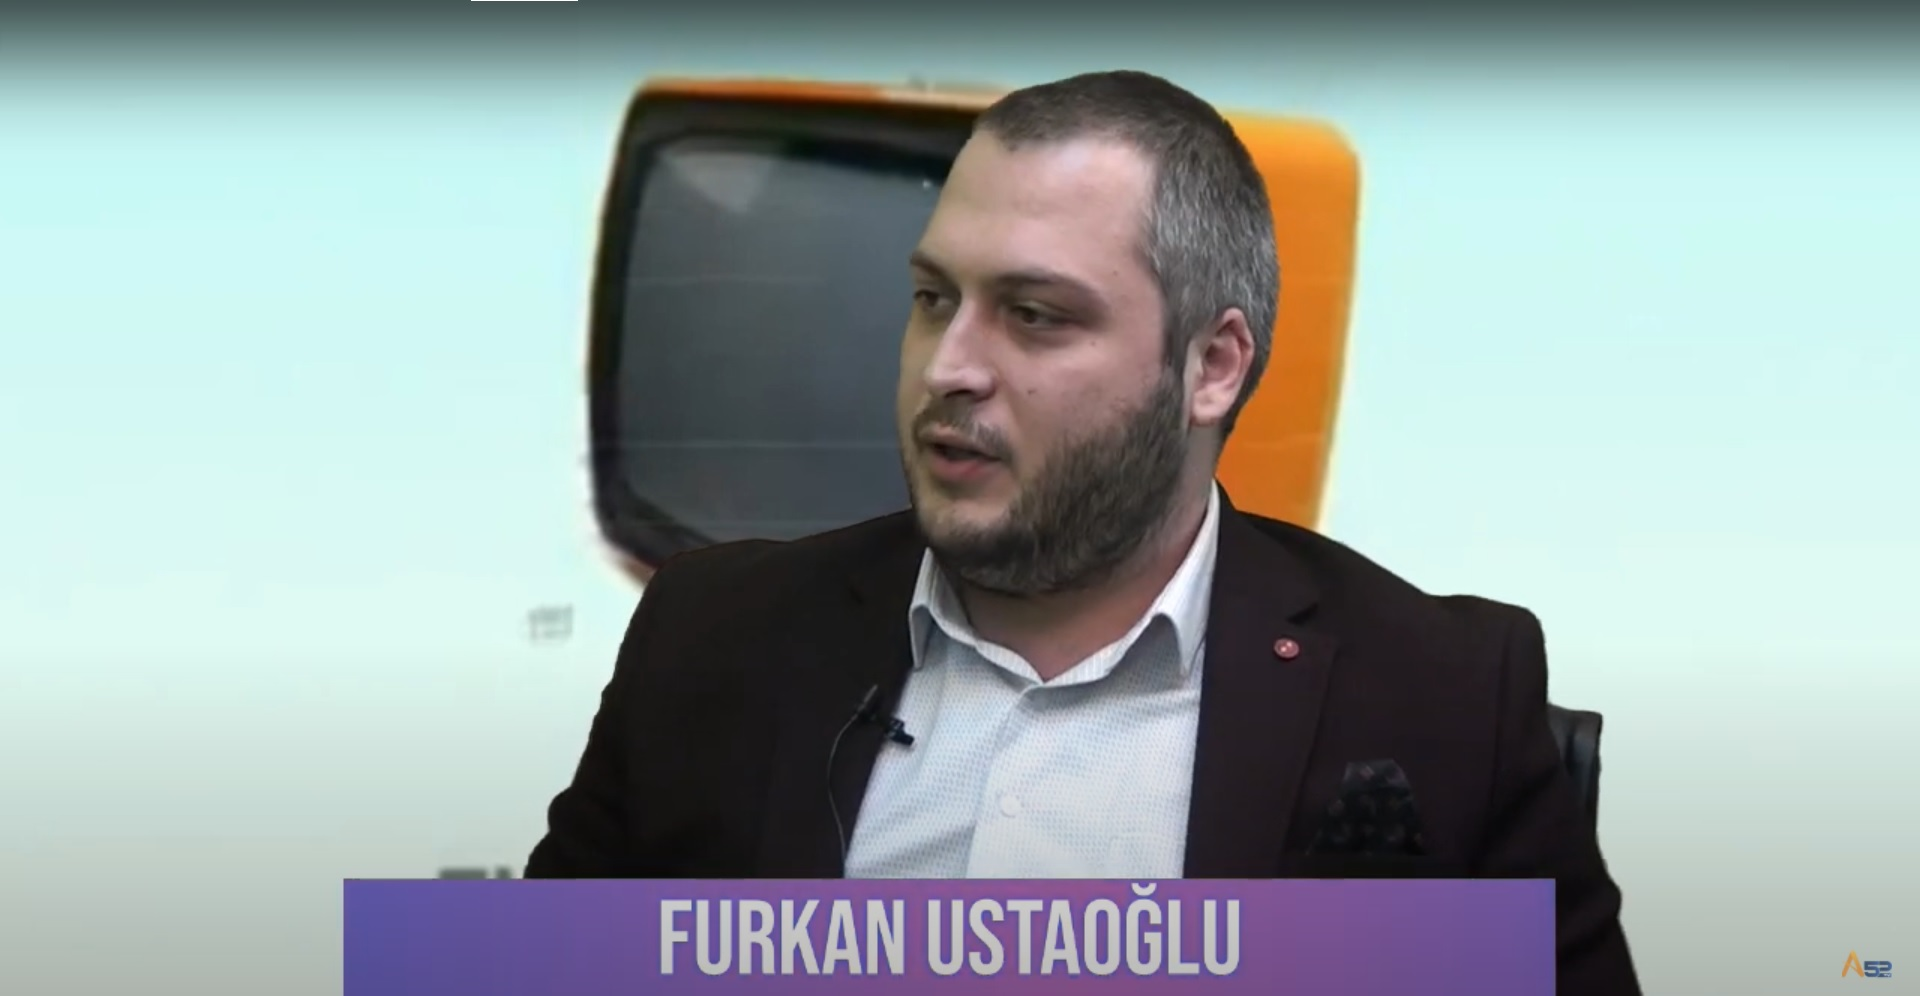 GENÇ İŞ ADAMI A52 TV'YE KONUK OLDU